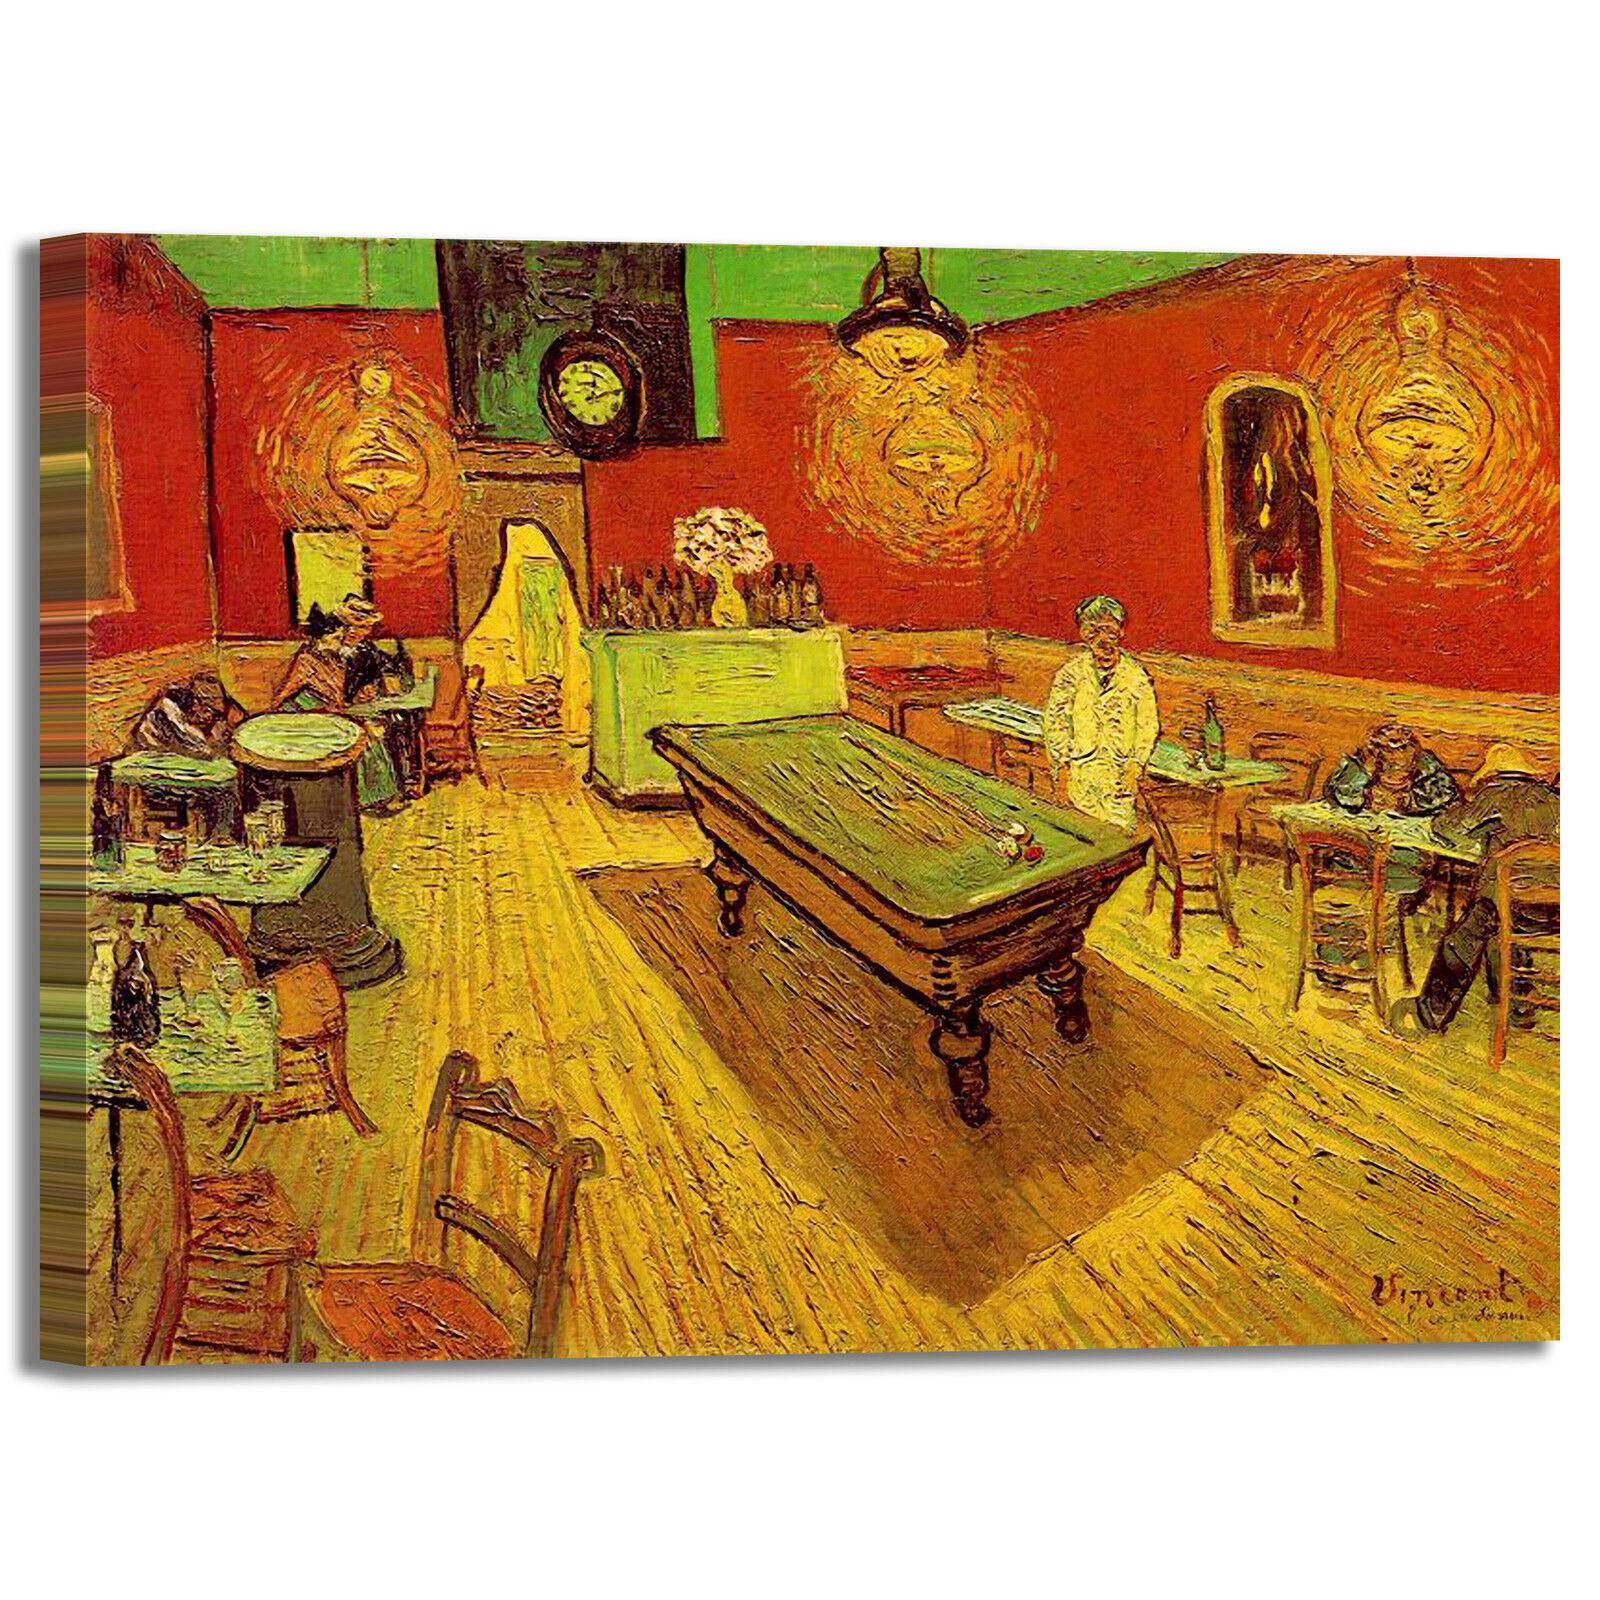 Van Gogh il caffè di notte design quadro stampa tela dipinto telaio arroto casa